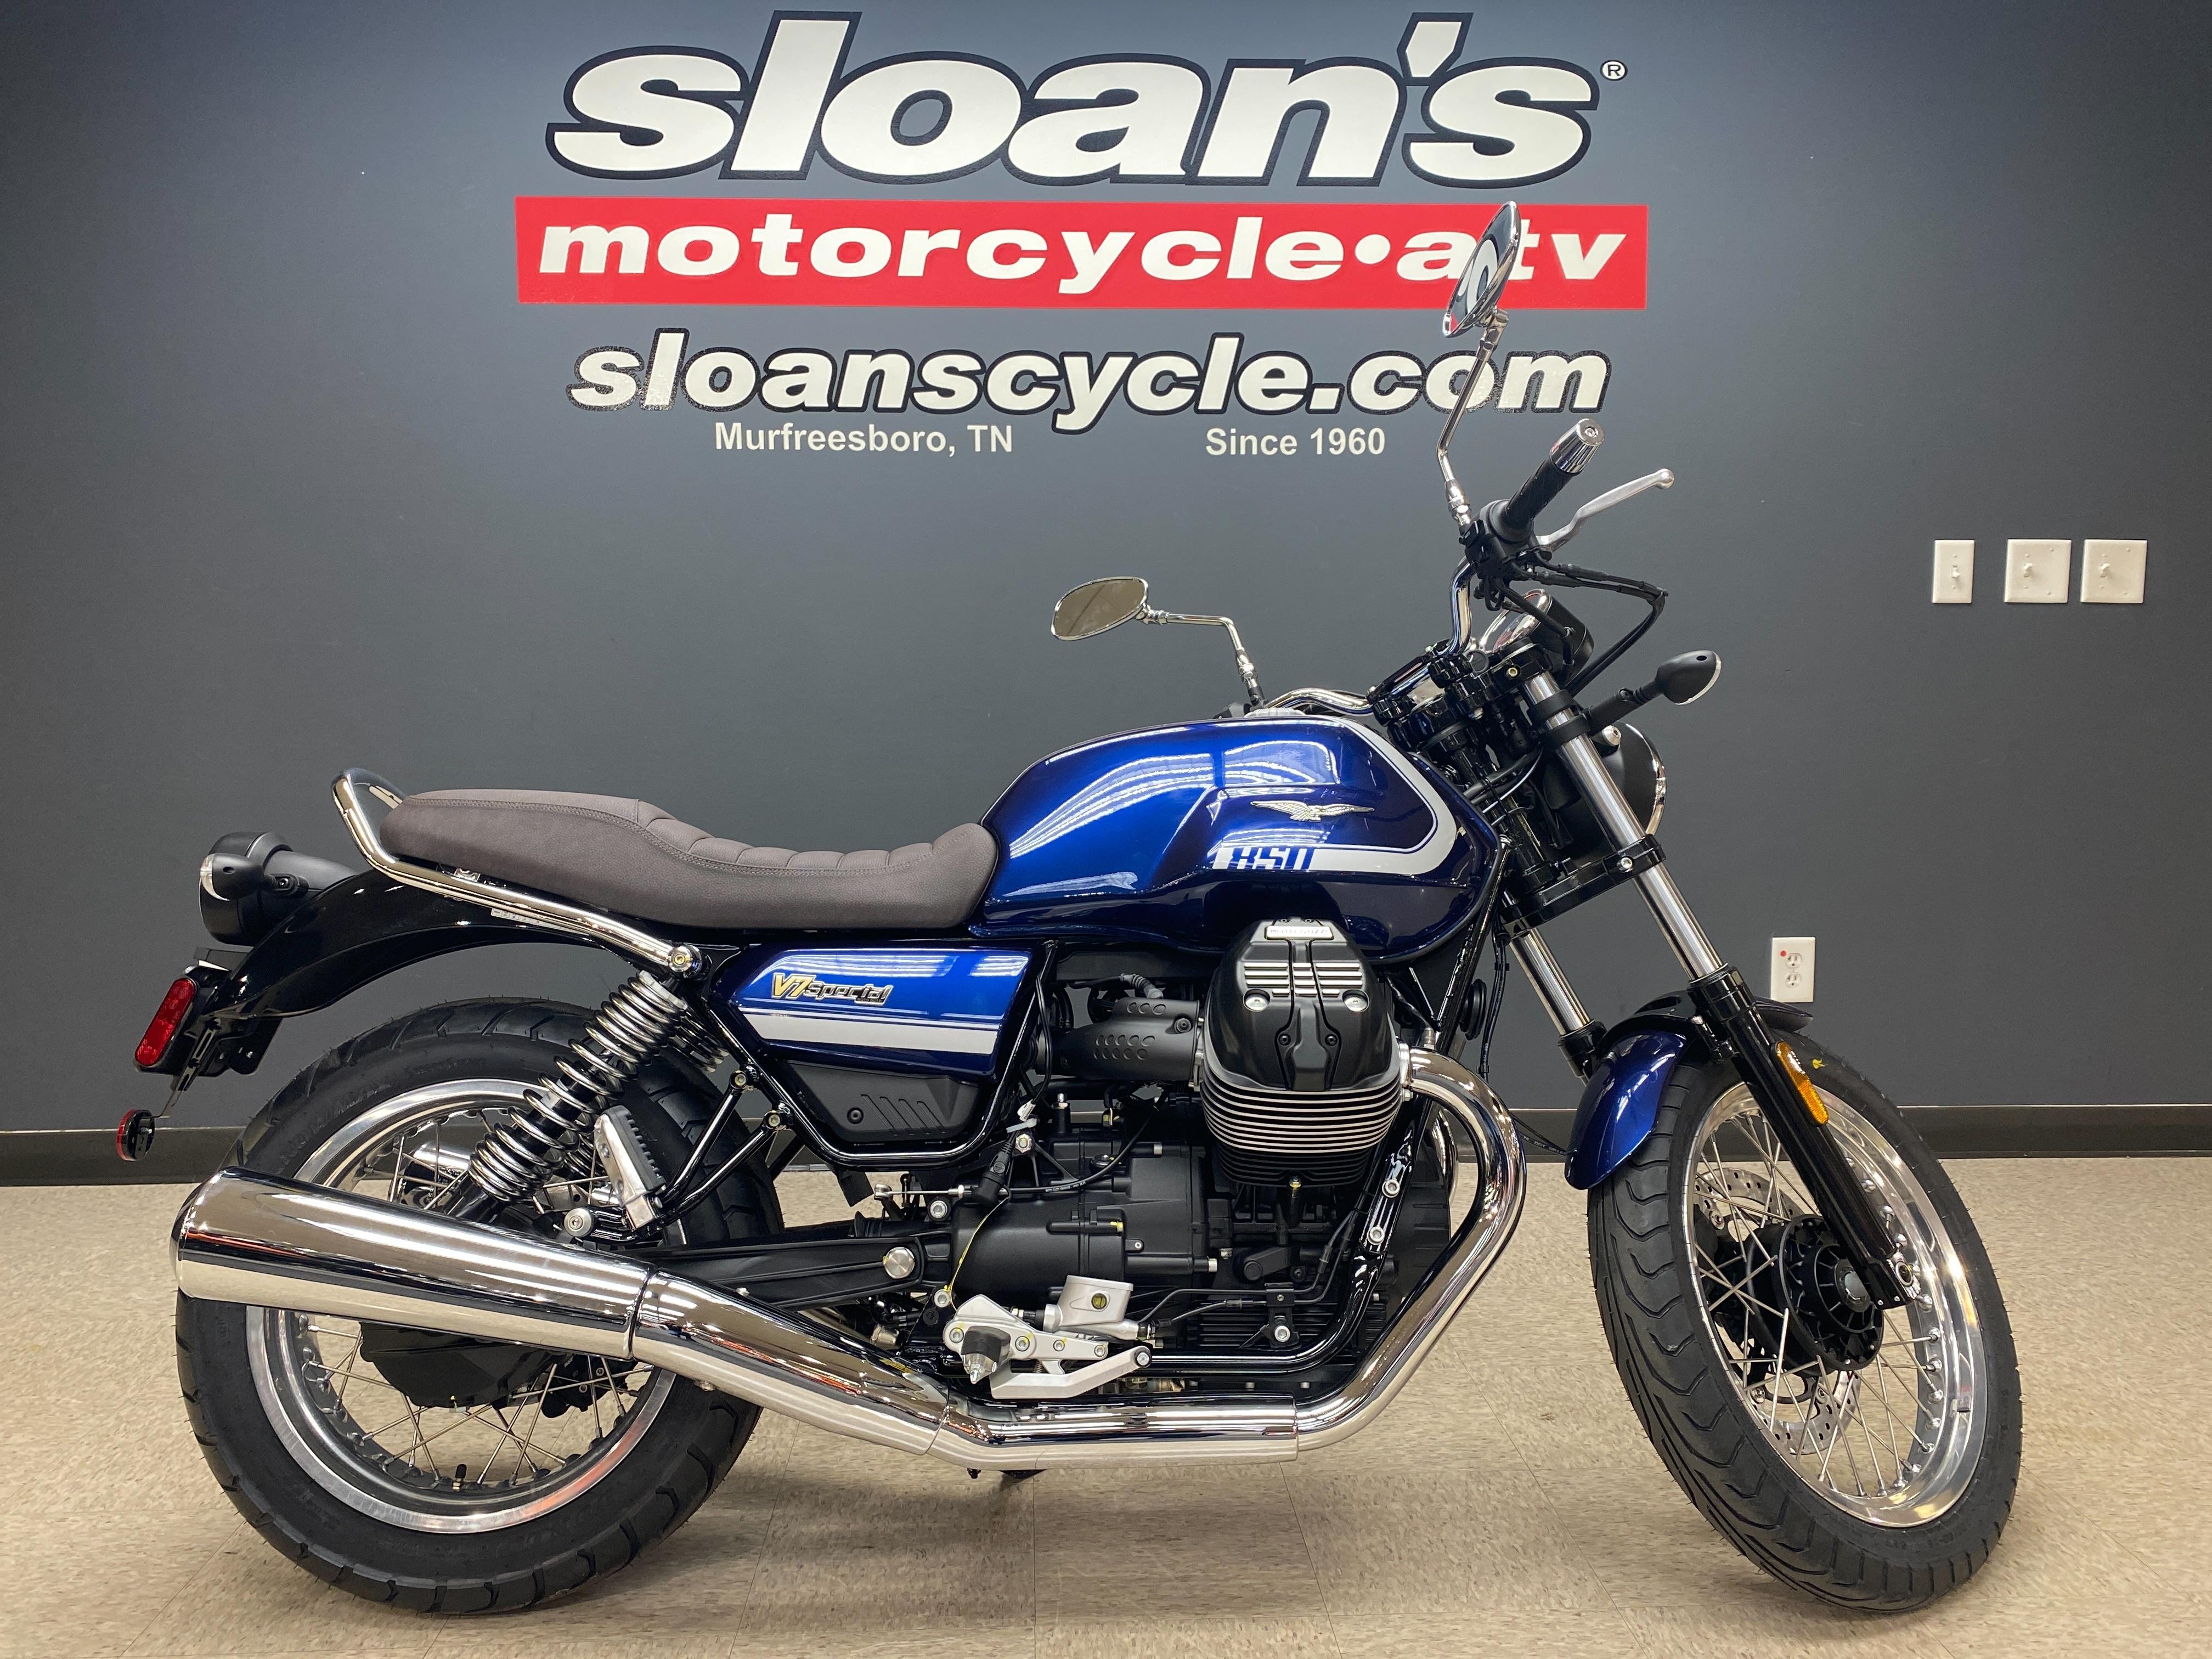 2021 Moto Guzzi V7 Special E5 at Sloans Motorcycle ATV, Murfreesboro, TN, 37129